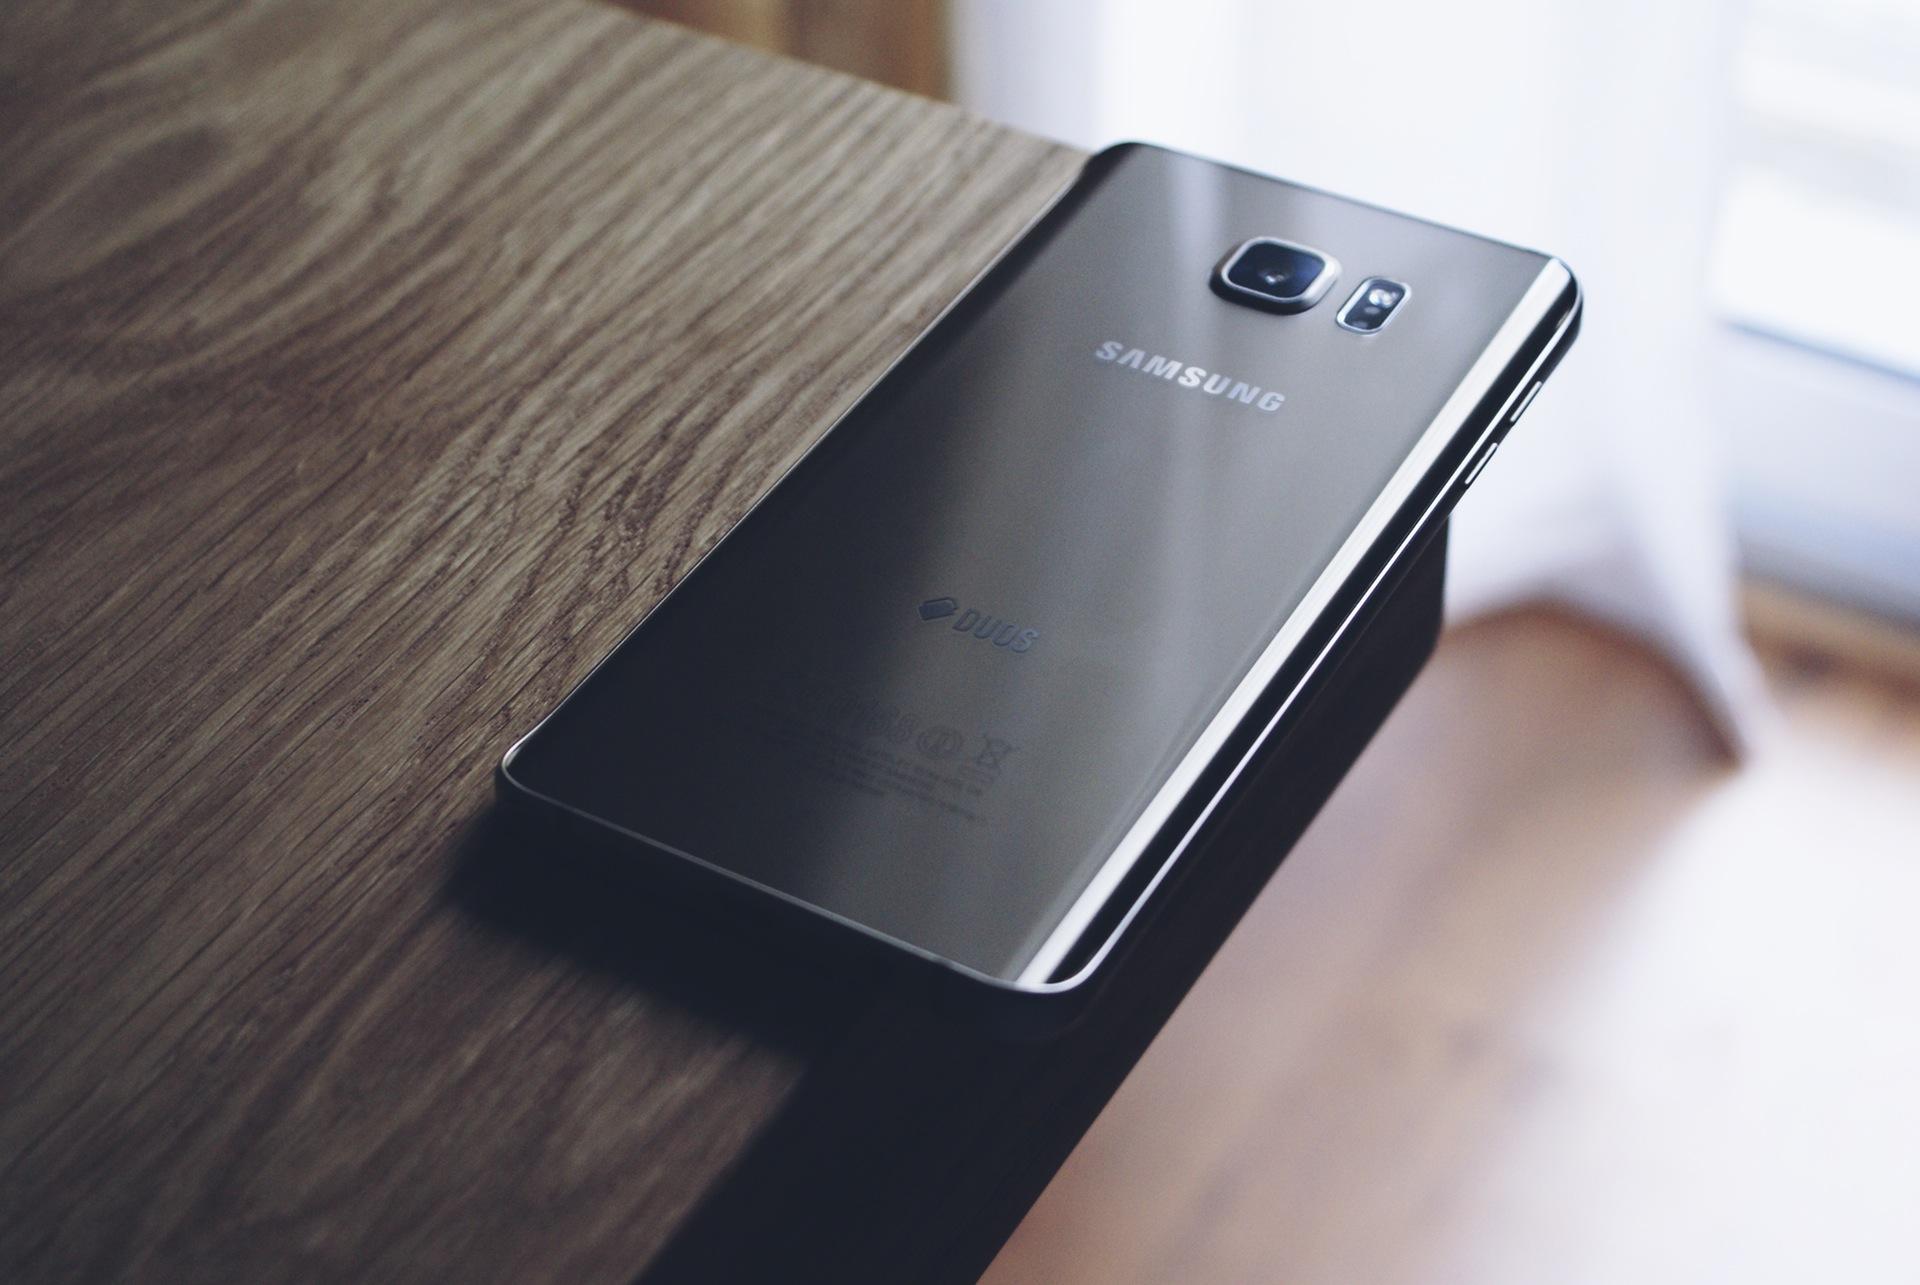 Telenowela Samsunga zamienia się w horror. Prokuratura w biurach firmy Samsung pexels photo 214487